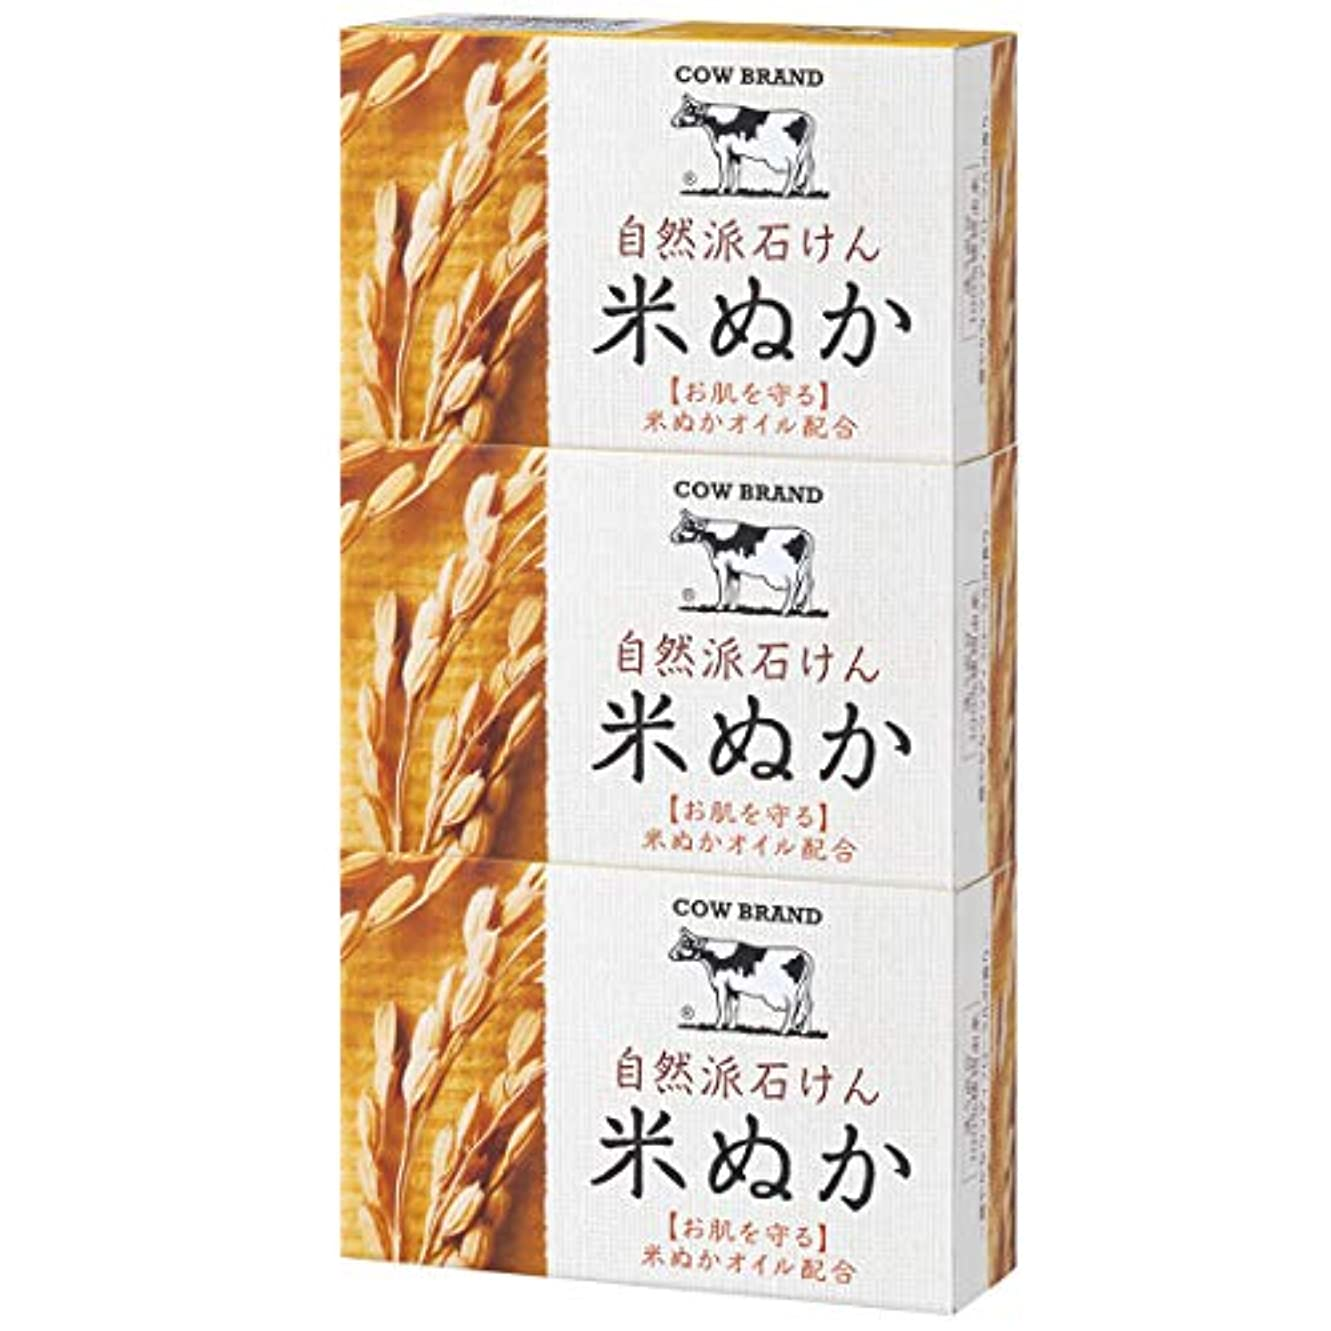 シュリンク苗バウンドカウブランド 自然派石けん 米ぬか 100g*3個